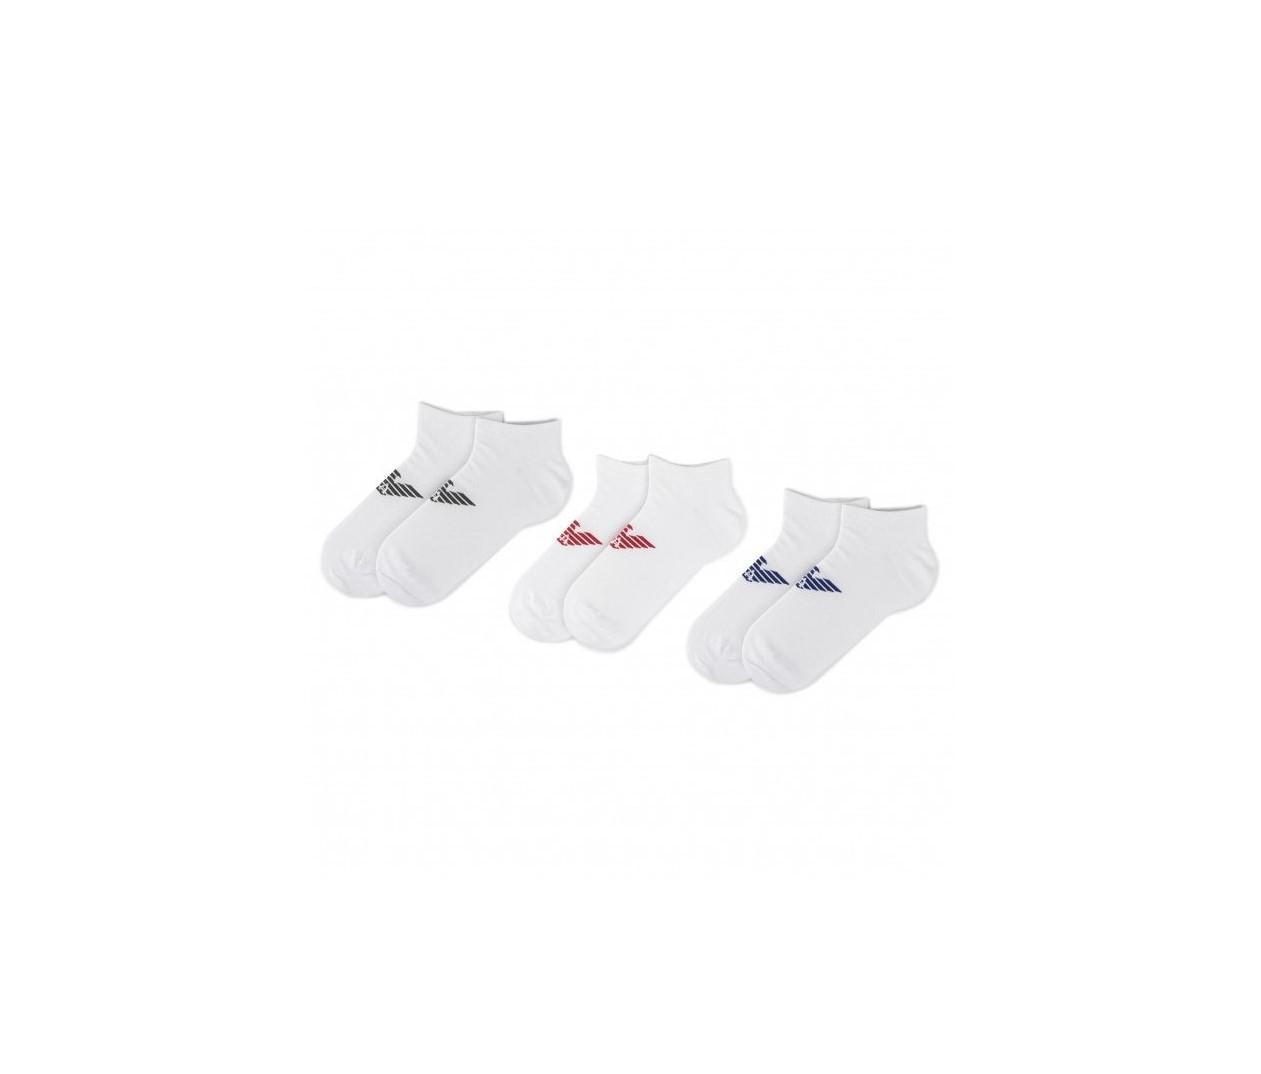 Armani Emporio Armani pánské bílé ponožky - 3ks